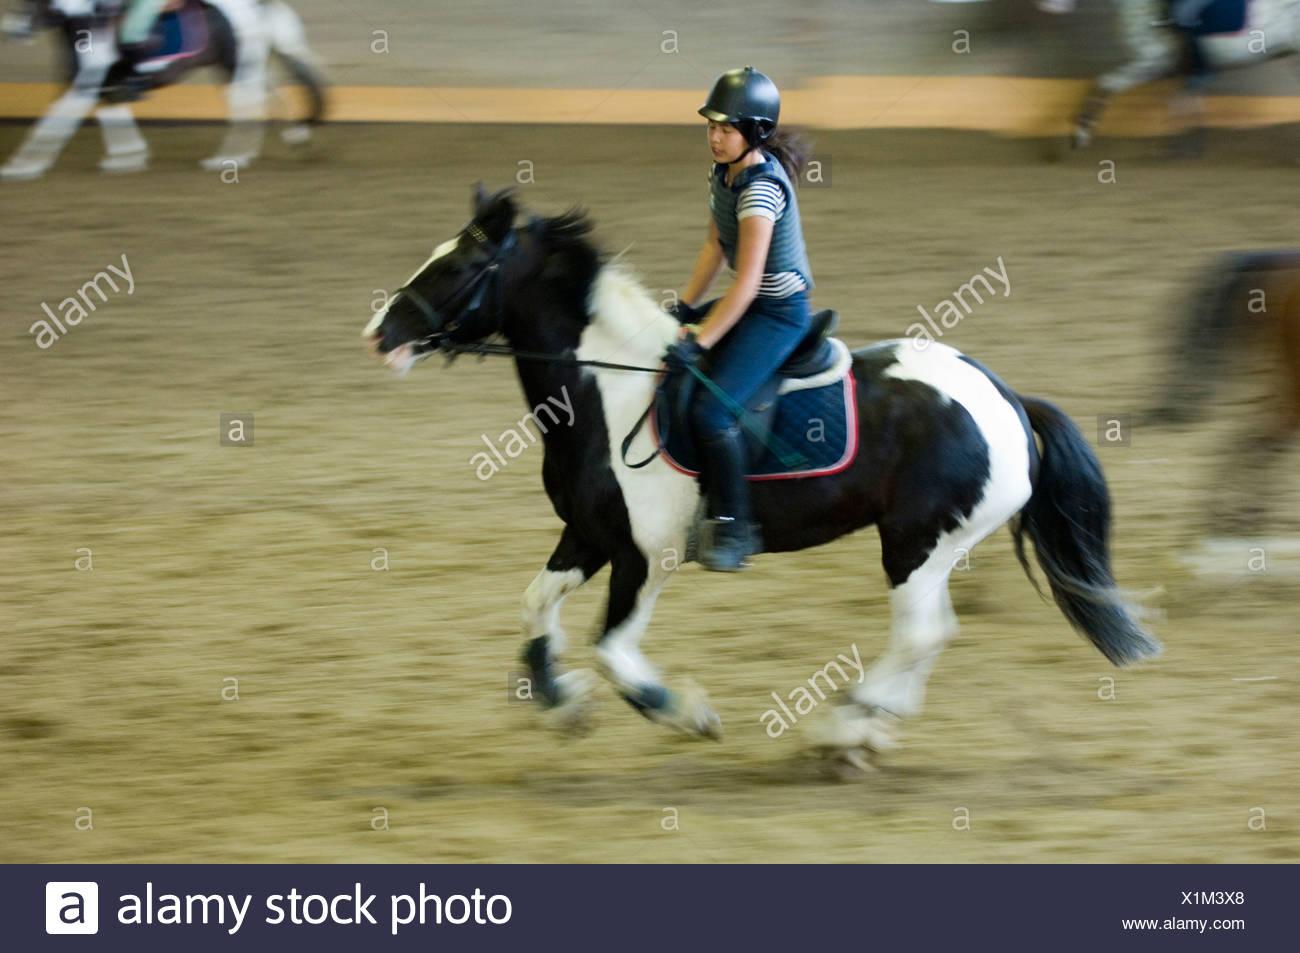 Vista laterale di una ragazza in sella ad un cavallo nella scuola di equitazione arena Immagini Stock